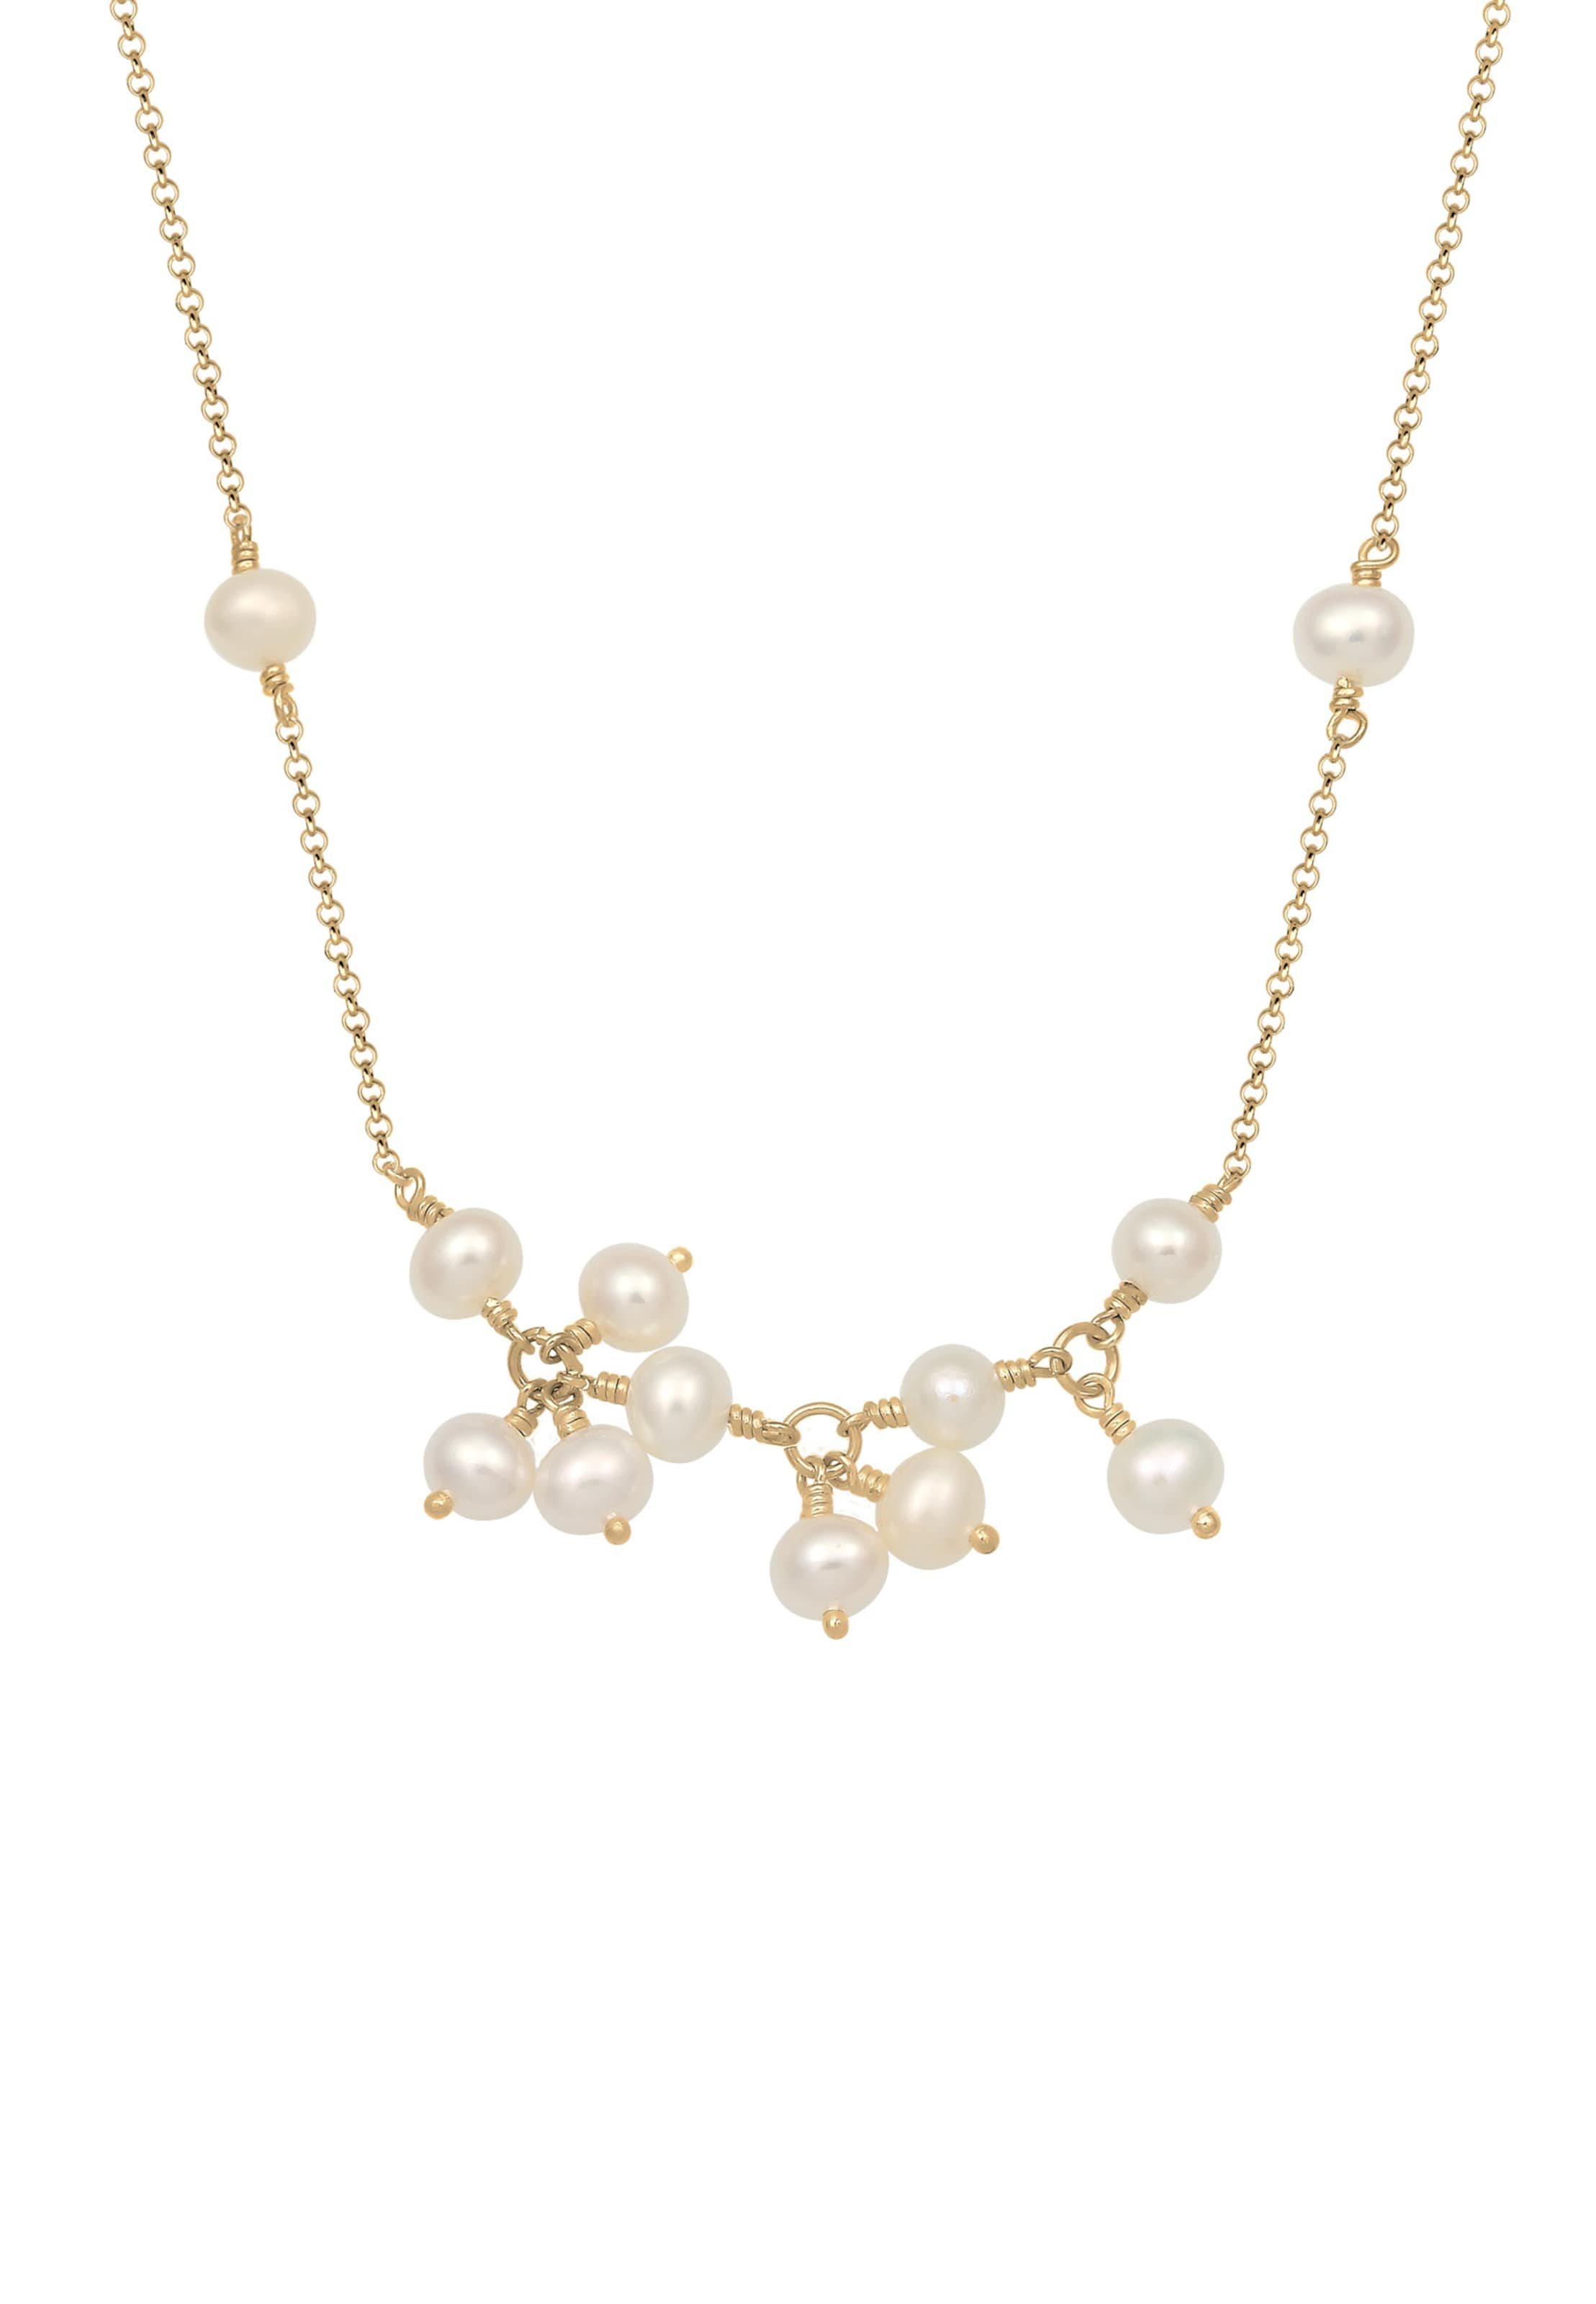 Halskette Elli Elli Elli In Premium In Gold Premium Halskette Gold dBxrCoe